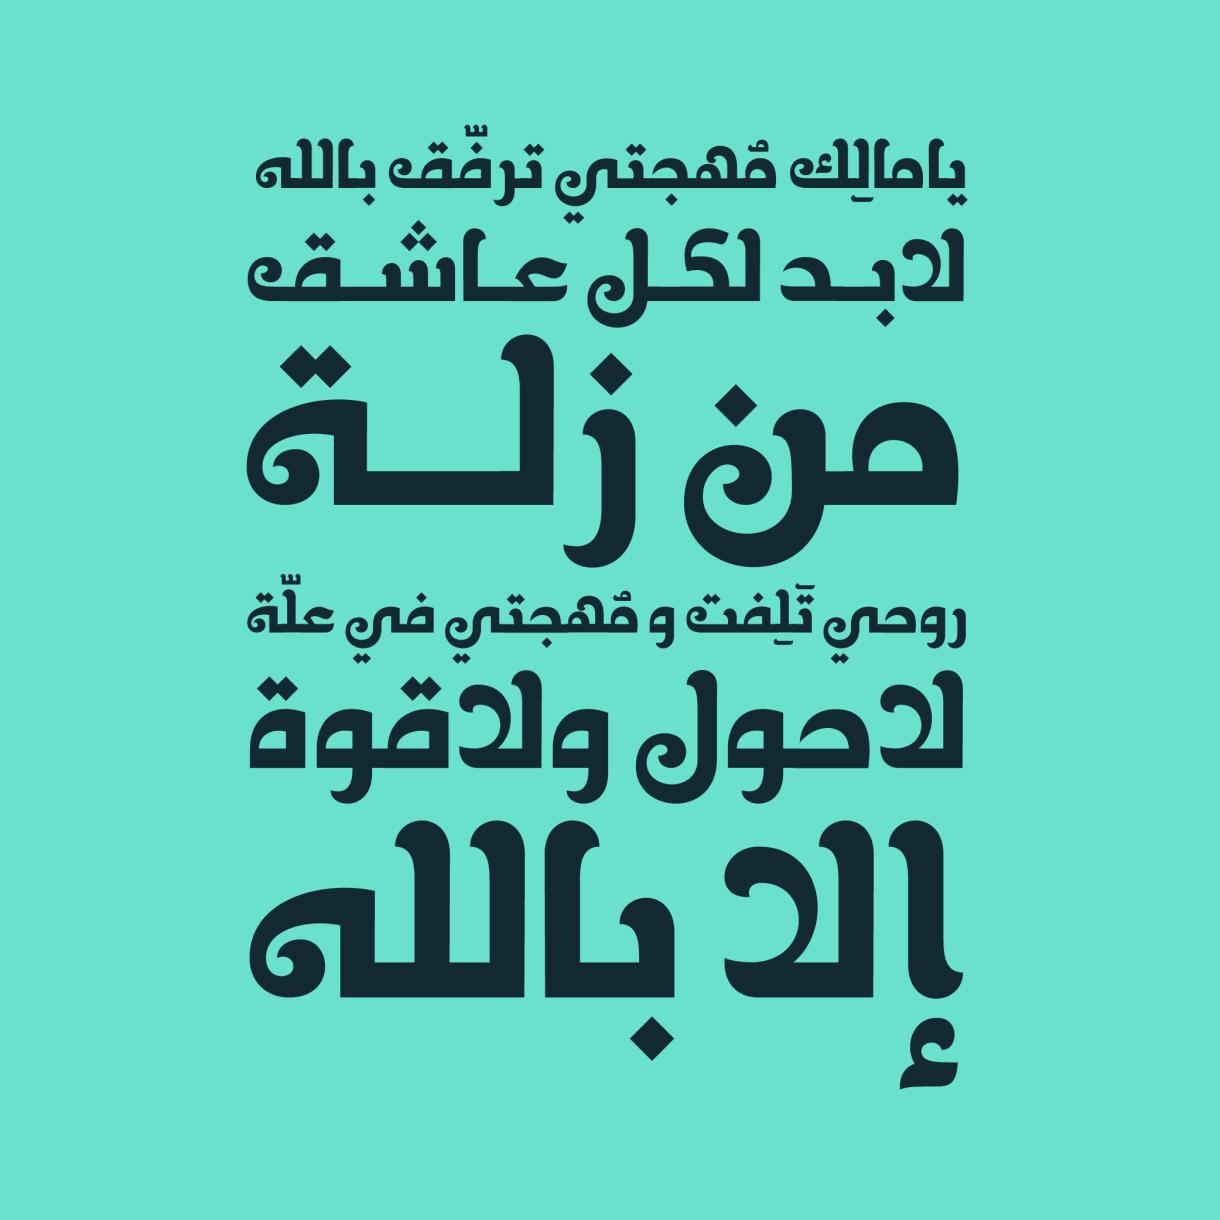 khallab_6